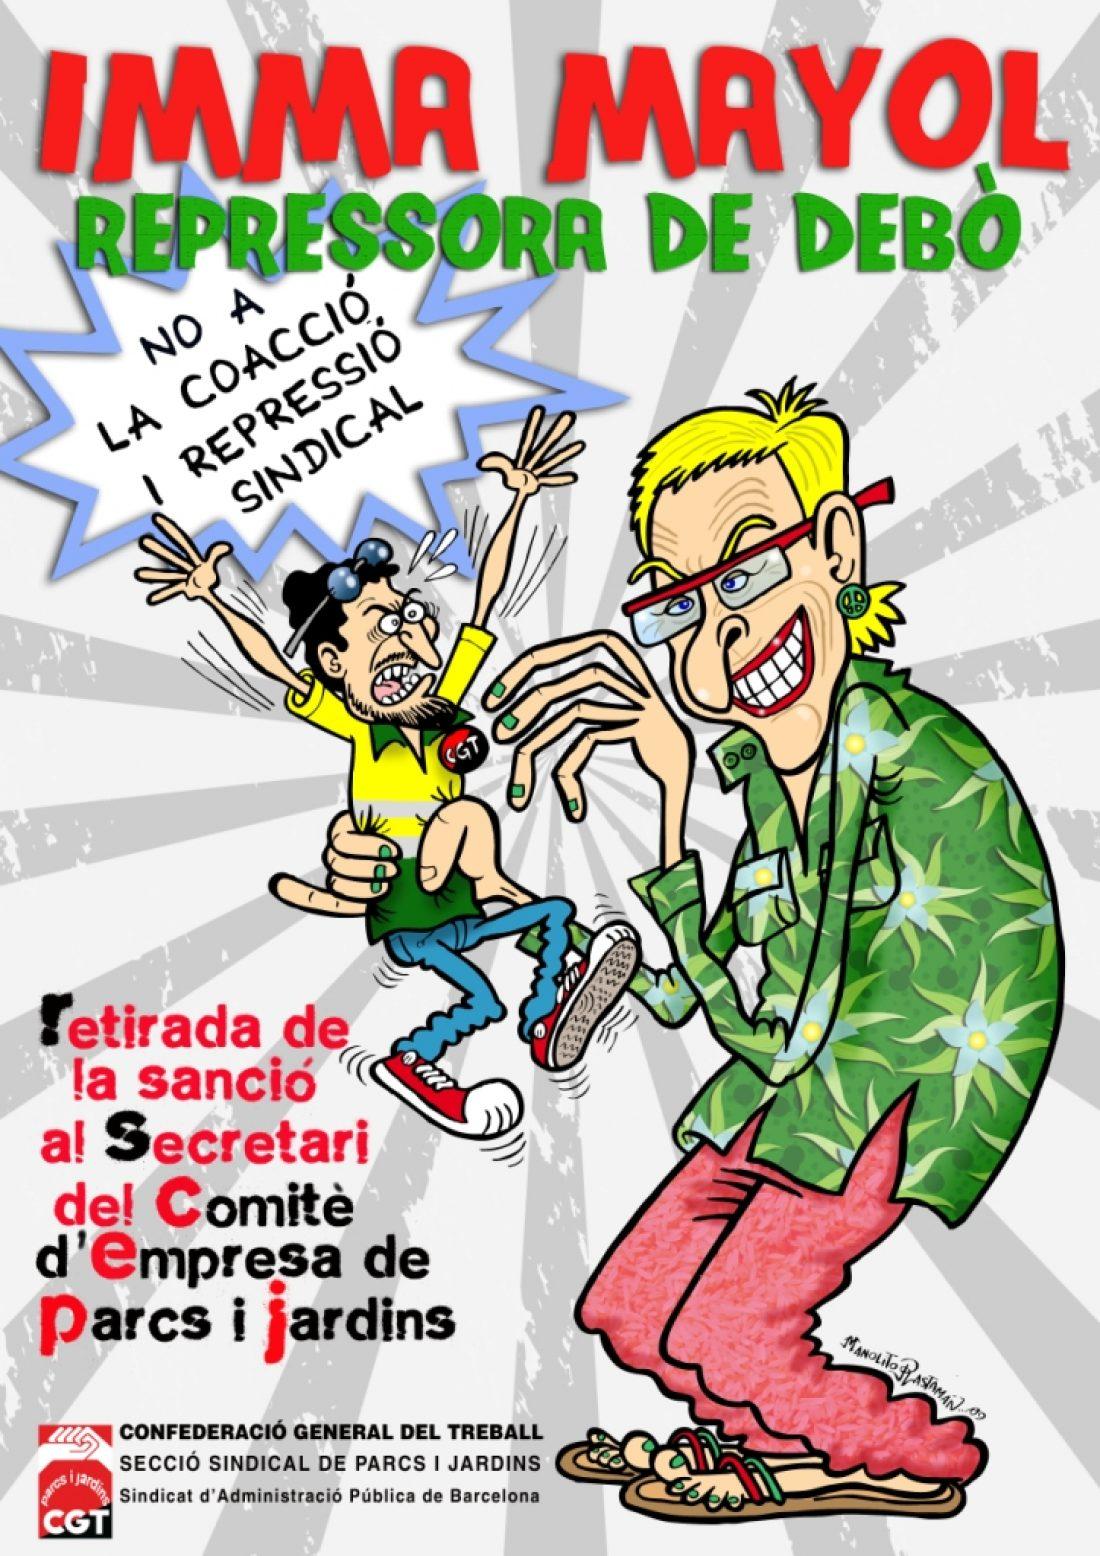 23 de julio: Concentración en Barcelona por la sanción a un compañero de Parcs i Jardins